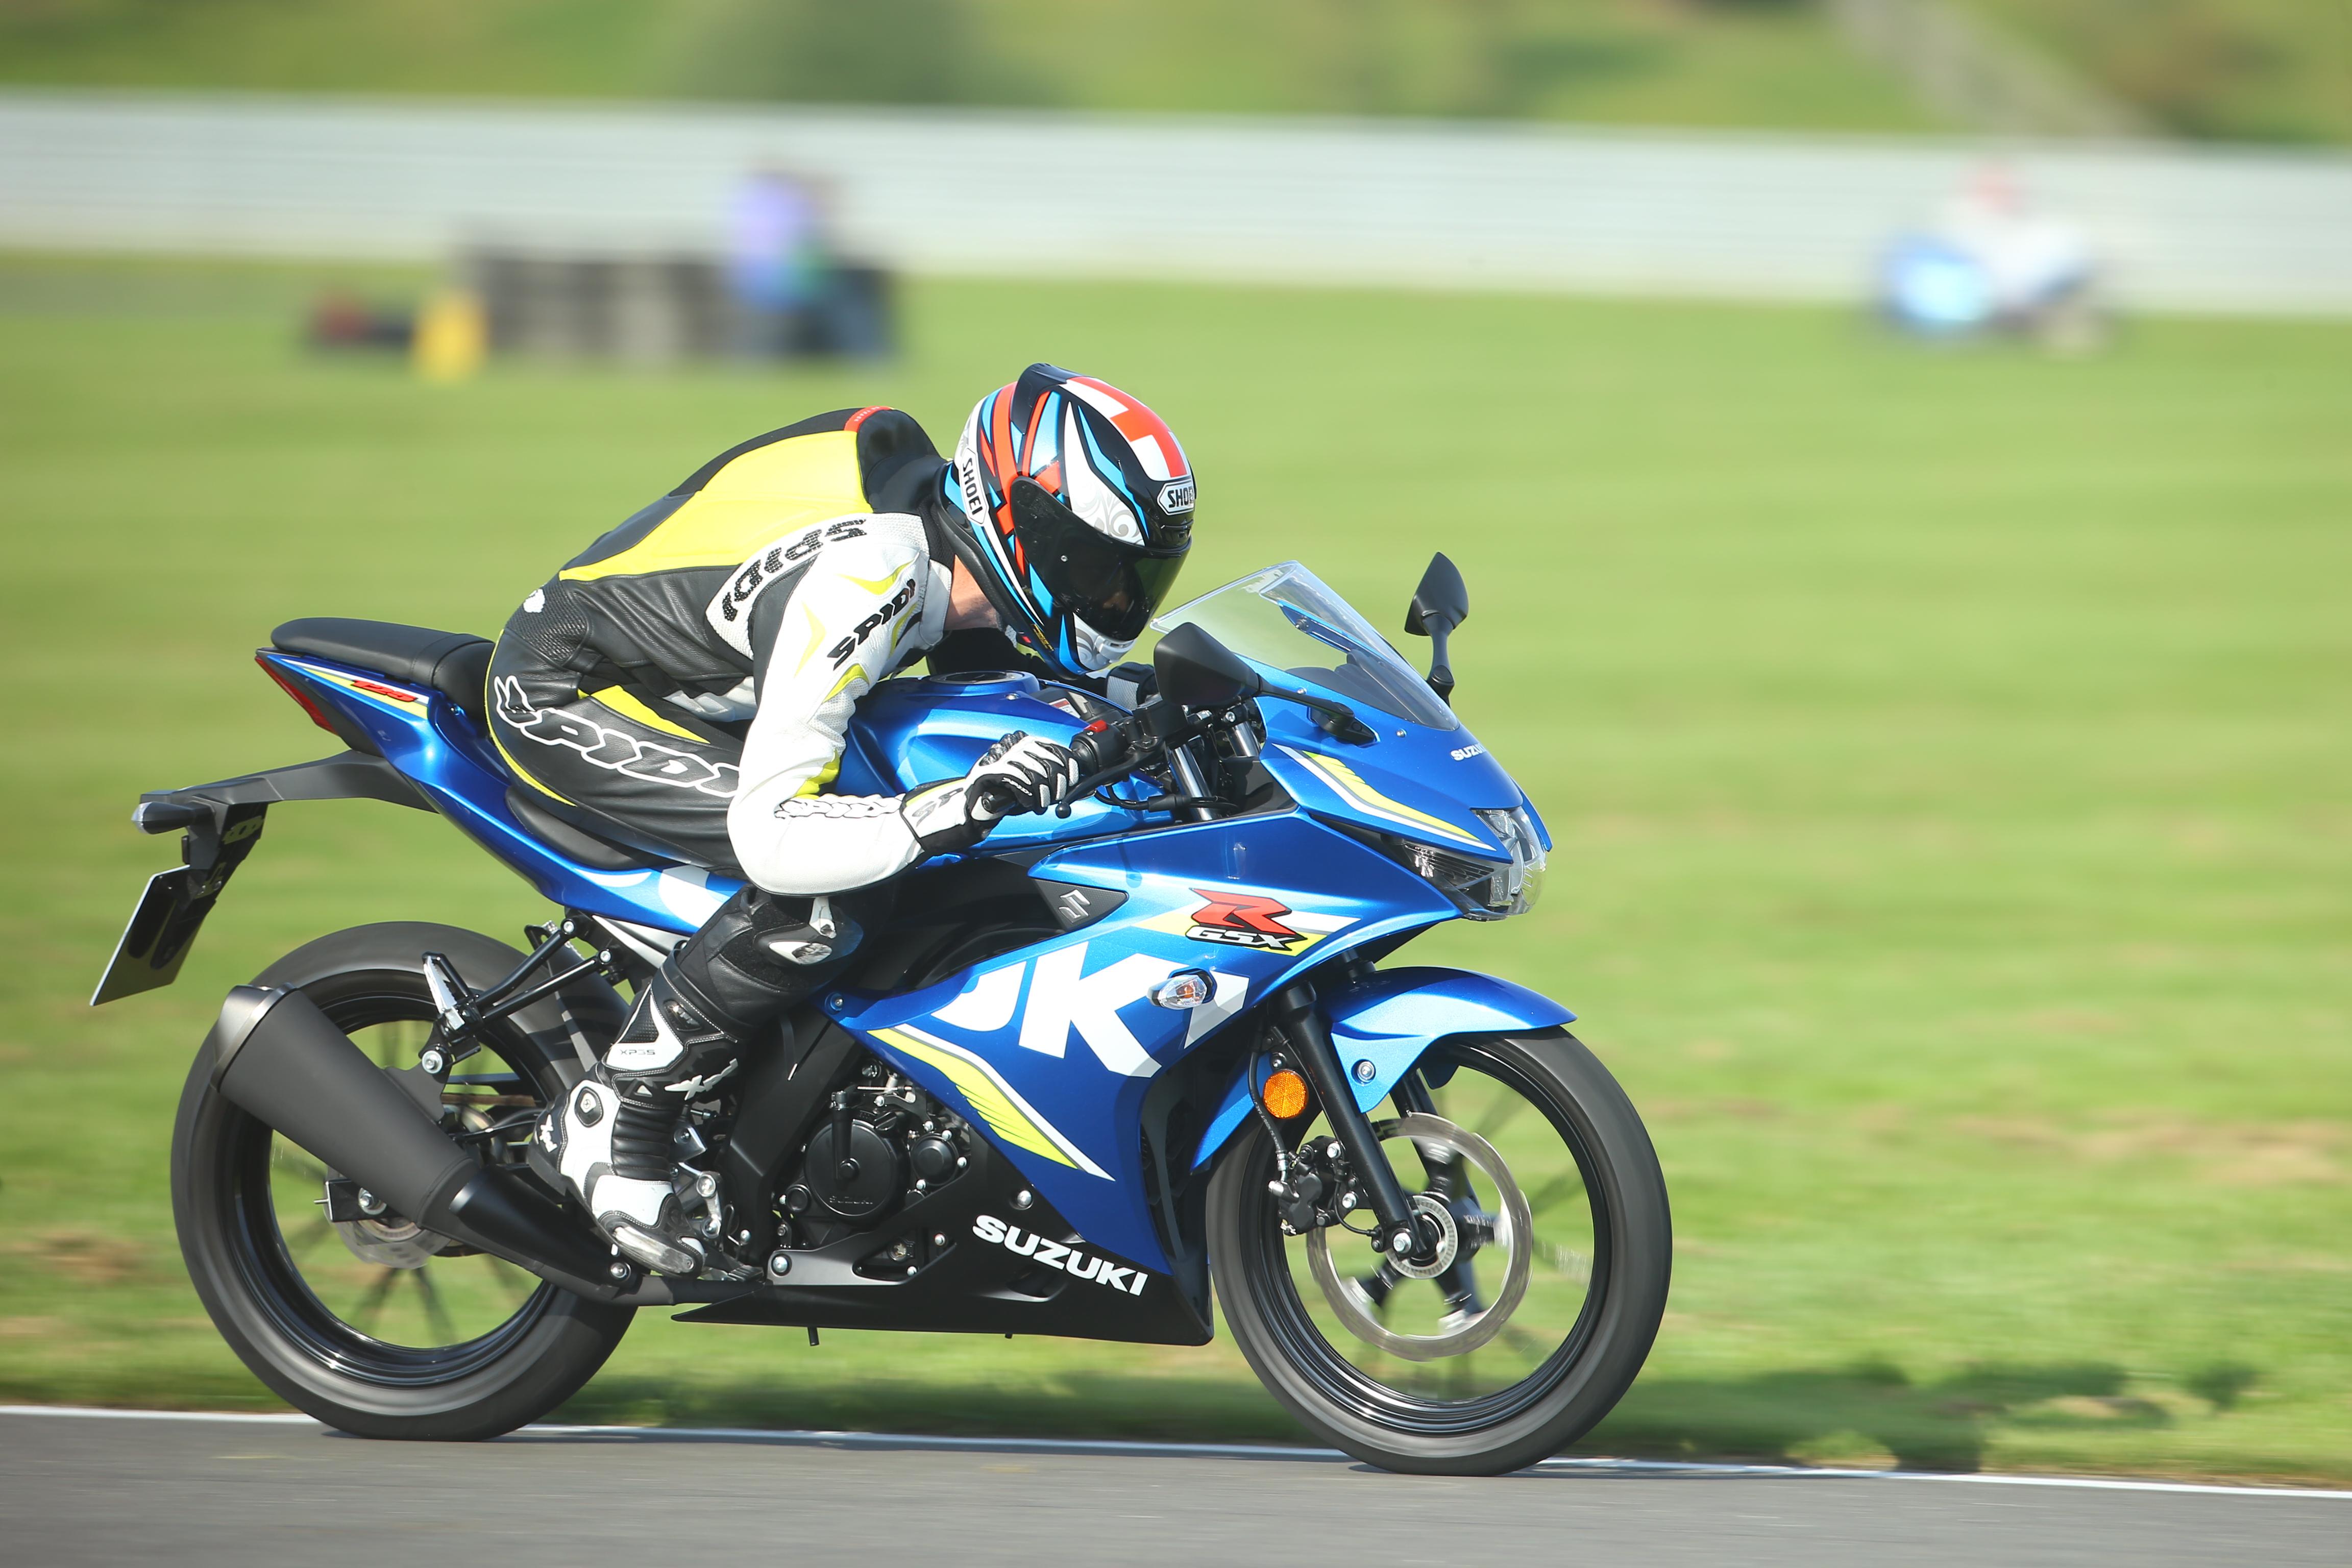 SuzukiGSXR 125 -Motocykl na początek -